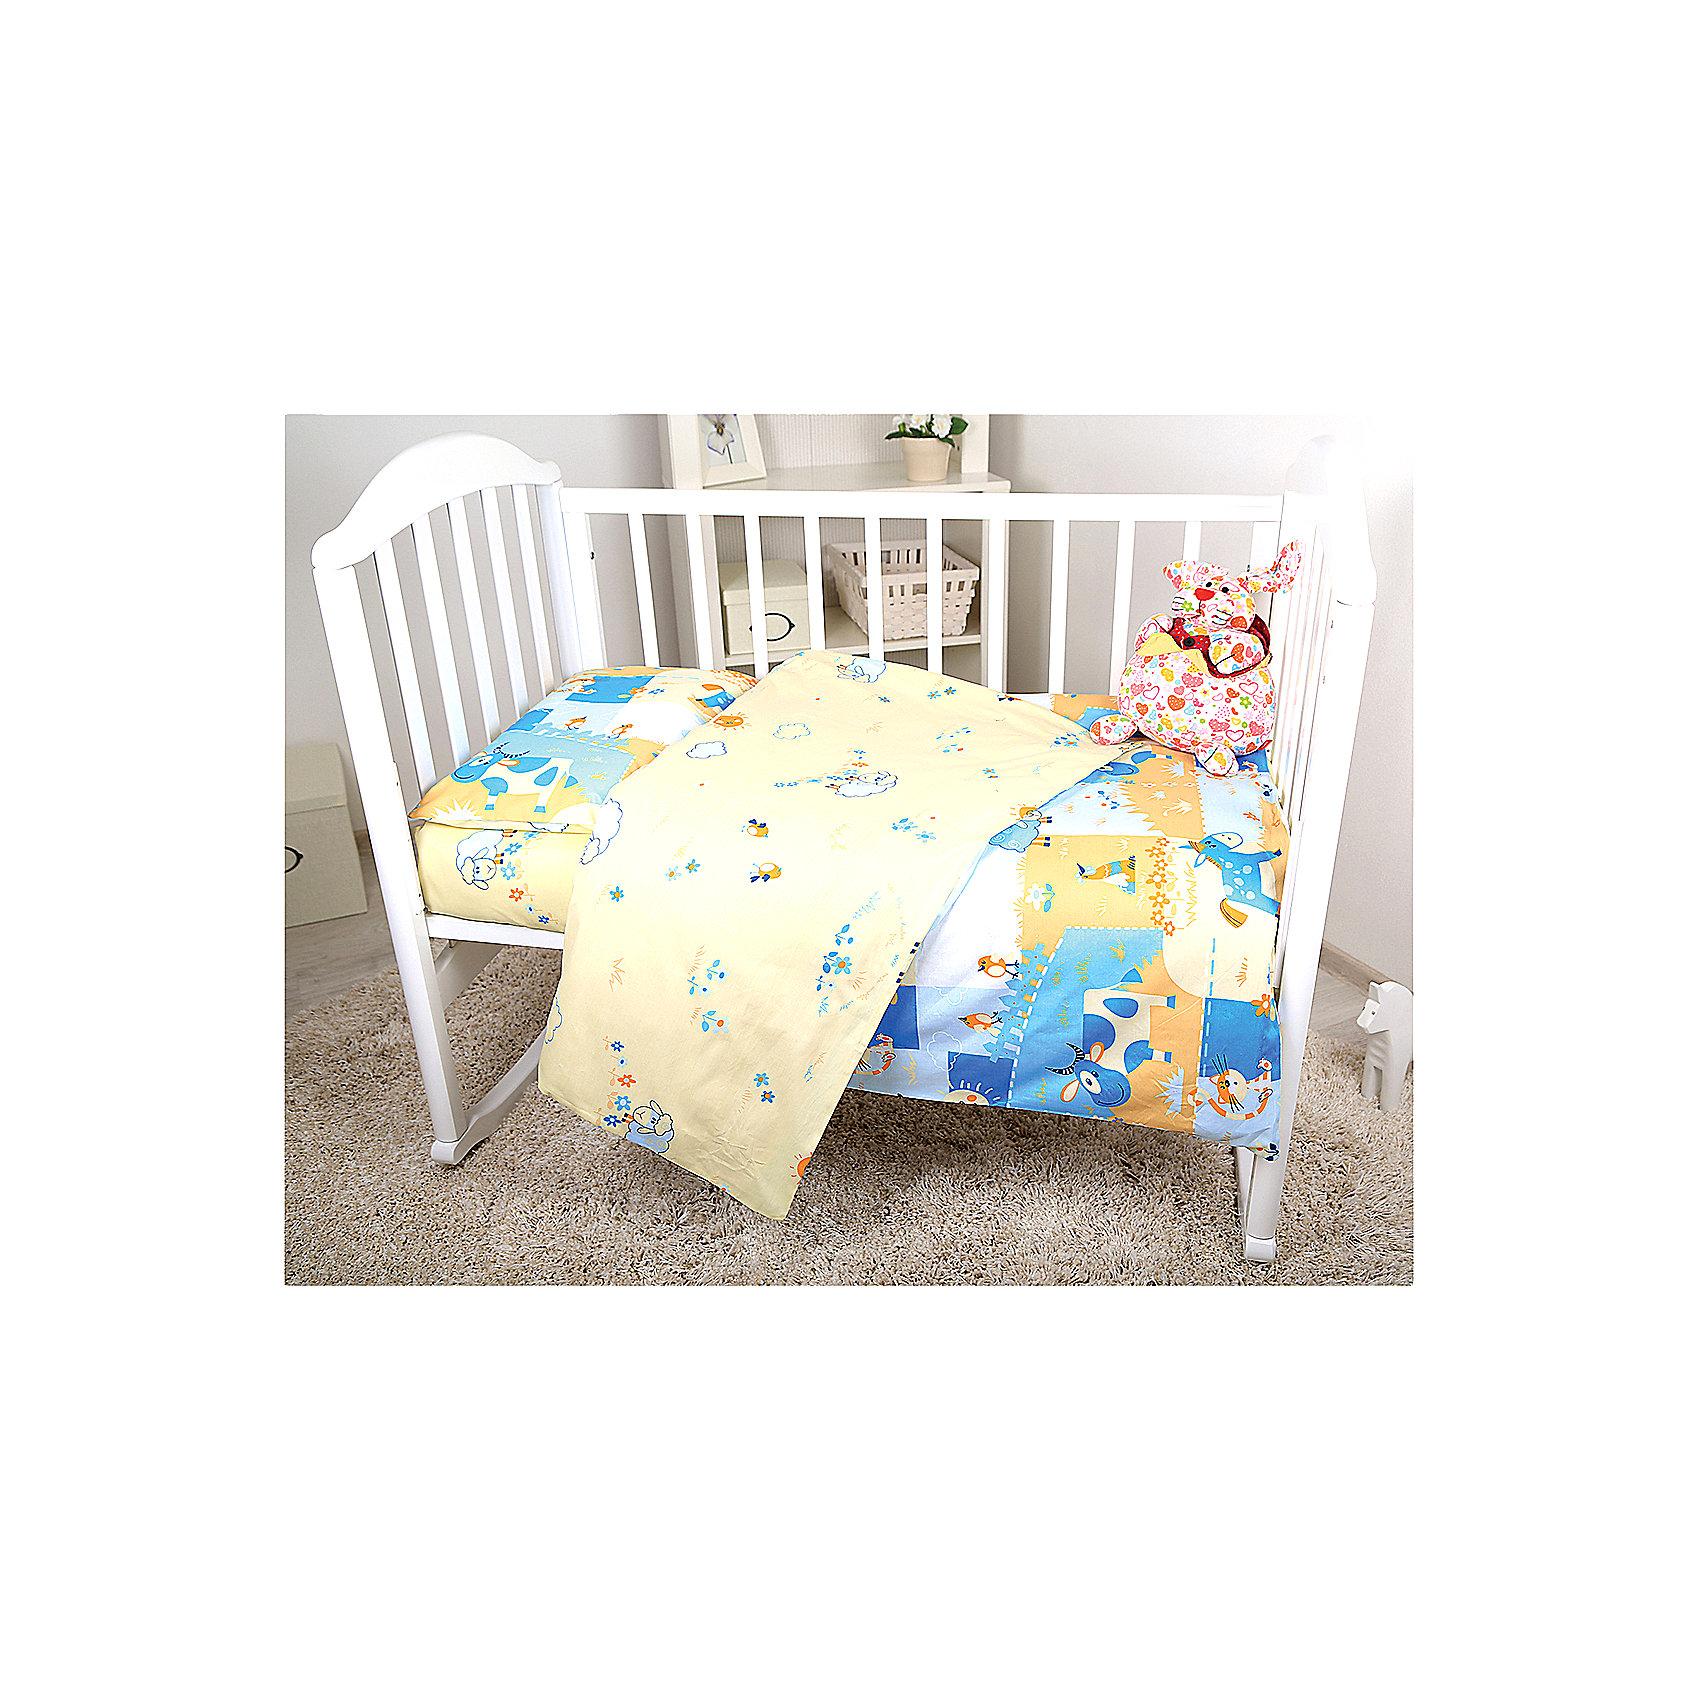 Постельное белье Ферма, 3пред., Baby Nice, голубойОчаровательный комплект постельного белья прекрасно впишется в интерьер детской и порадует малышей милой расцветкой, а их родителей - качеством ткани и идеальной обработкой швов. Сатин - ткань, произведенная из хлопковых волокон, скрученных и переплетенных двойным переплетением. Благодаря такому изготовлению, материал получается очень гладким и приятным к телу. Сохраняя при этом основные свойства хлопка, сатин прекрасно пропускает воздух, позволяя телу дышать, не линяет после стирки, абсолютно гипоаллергенен. <br><br>Дополнительная информация:<br><br>- Комплектация: наволочка, простыня, пододеяльник.<br>- Материал: сатин (100% хлопок).<br>- Размер: наволочка 40х60 см, пододеяльник 147х112 см., простыня 147х100 см.<br>- Цвет: голубой. <br>- Декоративные элементы: принт.<br><br>Комплект постельного белья Ферма, Baby Nice (Беби Найс), голубой, можно купить в нашем магазине.<br><br>Ширина мм: 20<br>Глубина мм: 5<br>Высота мм: 25<br>Вес г: 700<br>Возраст от месяцев: 0<br>Возраст до месяцев: 60<br>Пол: Мужской<br>Возраст: Детский<br>SKU: 4058270